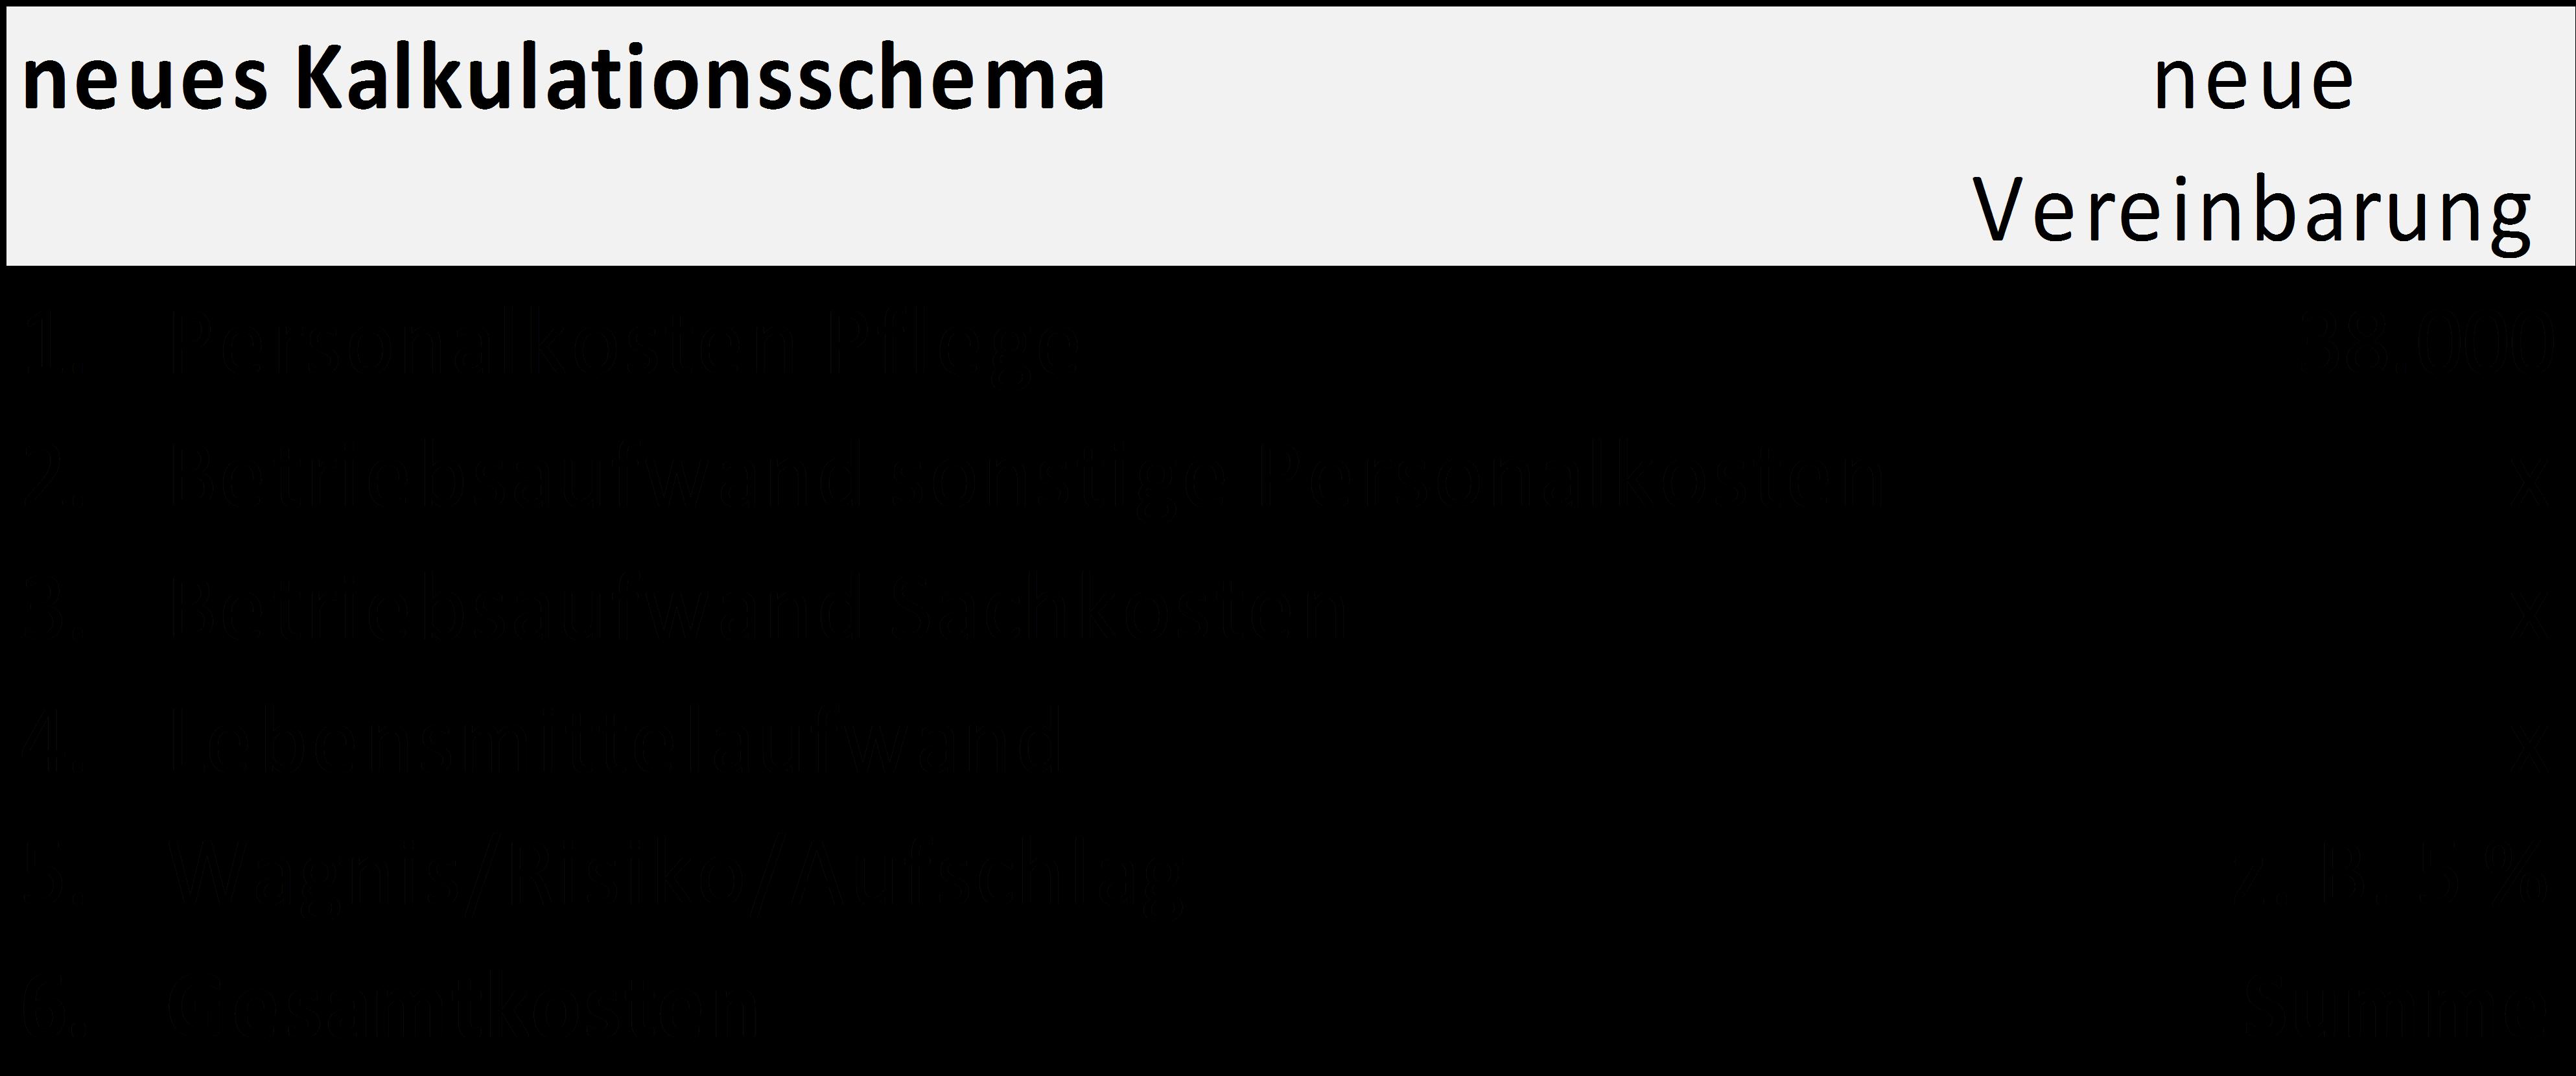 bsp3-neues-kalkulationsschema